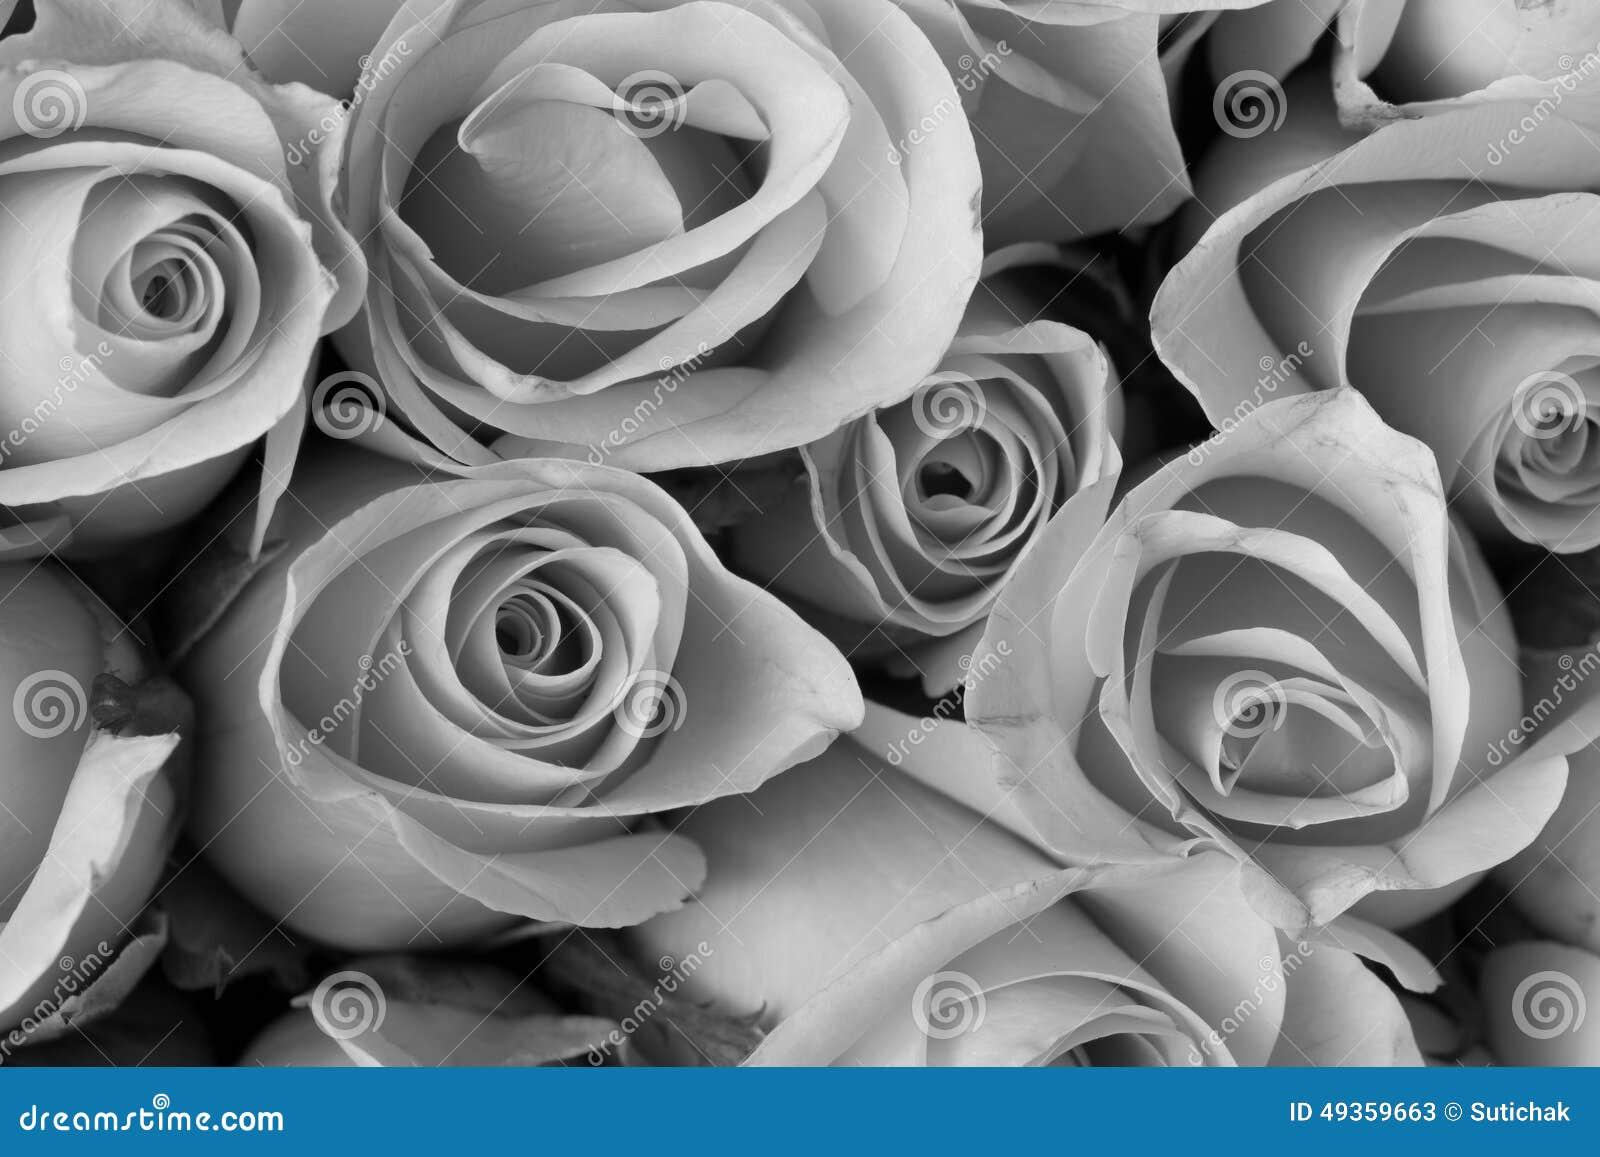 Bouquet De Fleur De Rose Couleur Noire Et Blanche Image Stock